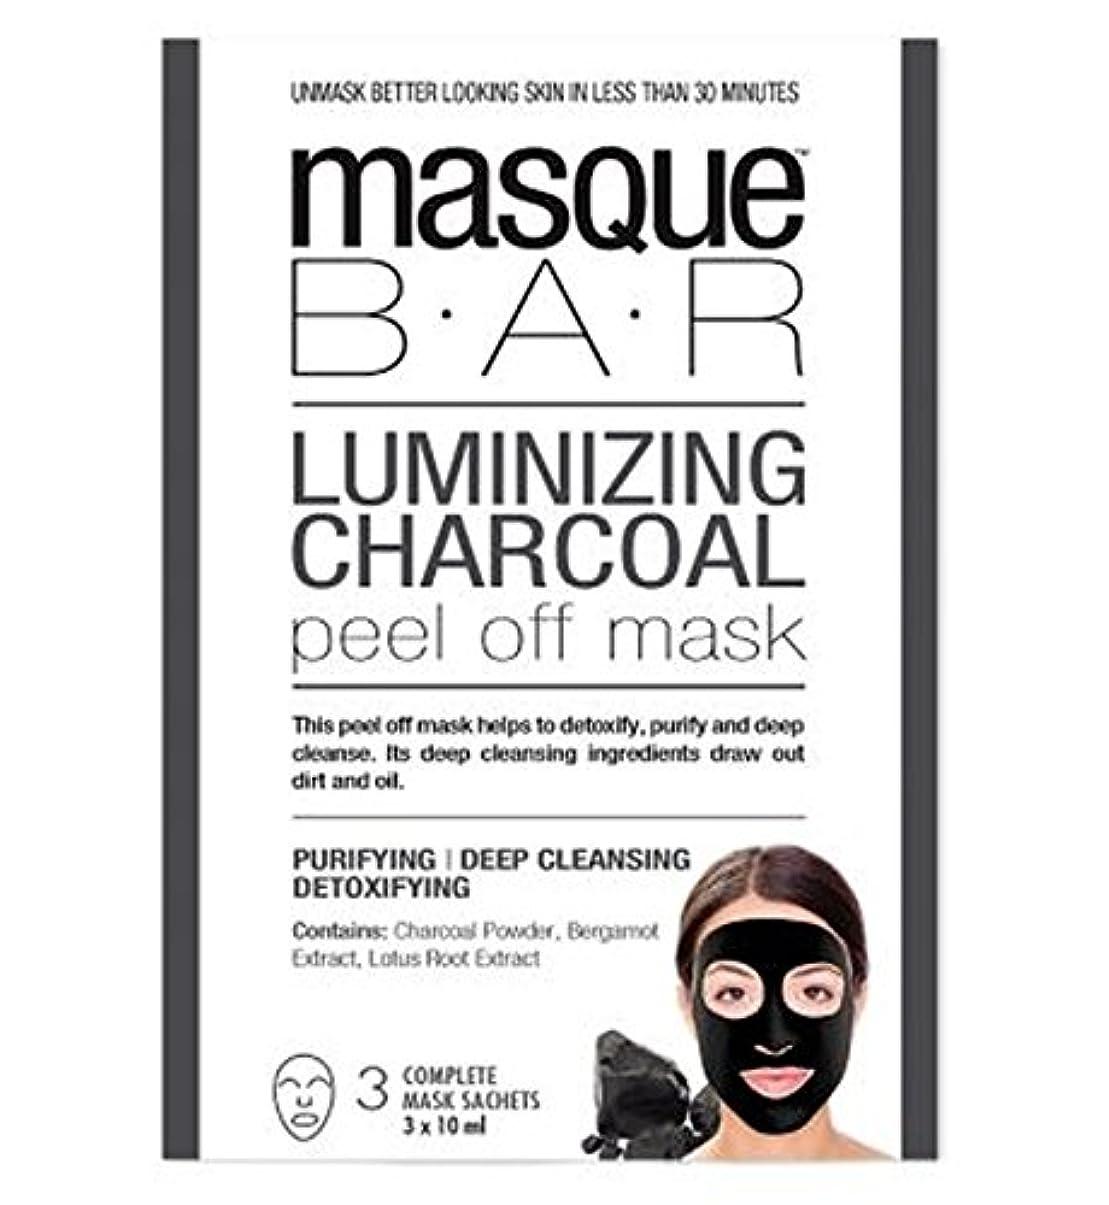 アナニバー出席する物理的に[P6B Masque Bar Bt] 仮面バーチャコールはがしマスクをルミナイジング - 3枚のマスク - Masque Bar Luminizing Charcoal Peel Off Mask - 3 Masks...